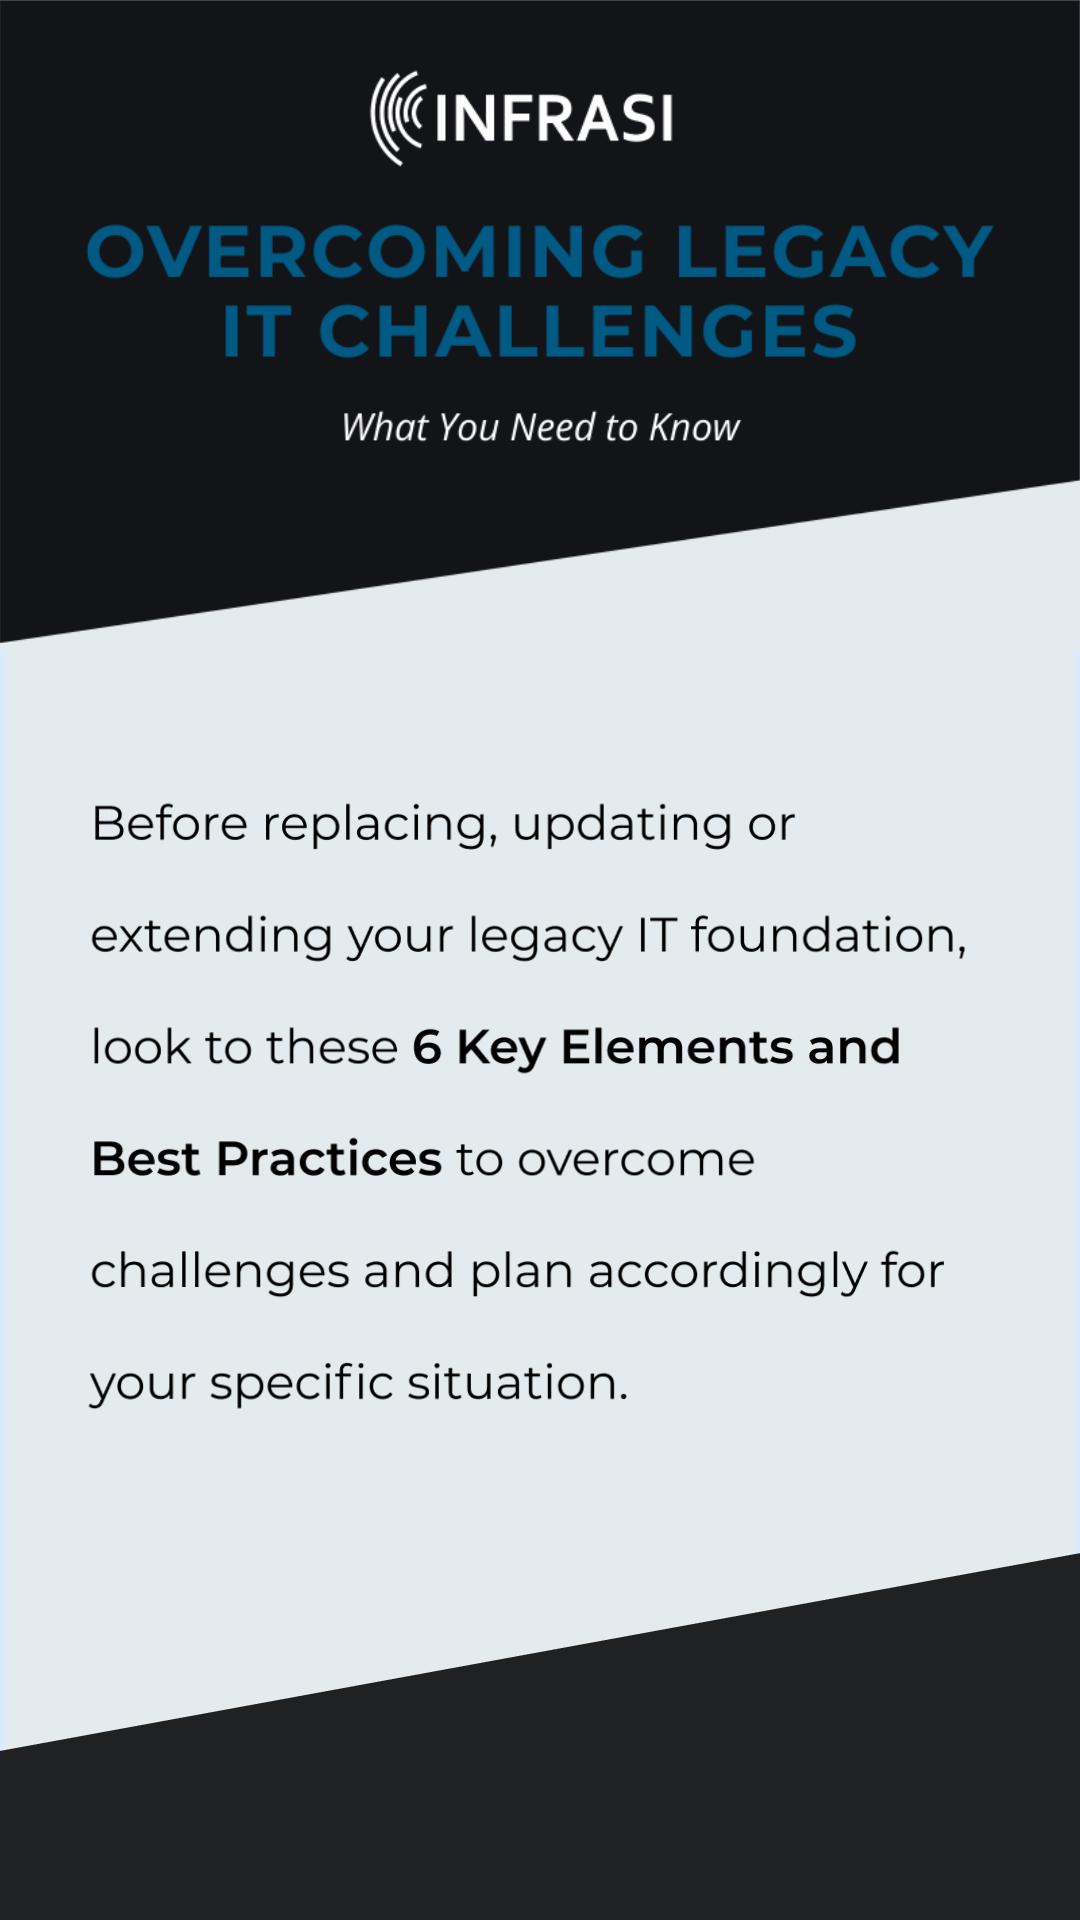 INFRASI Legacy IT_Landing Page Image_Final